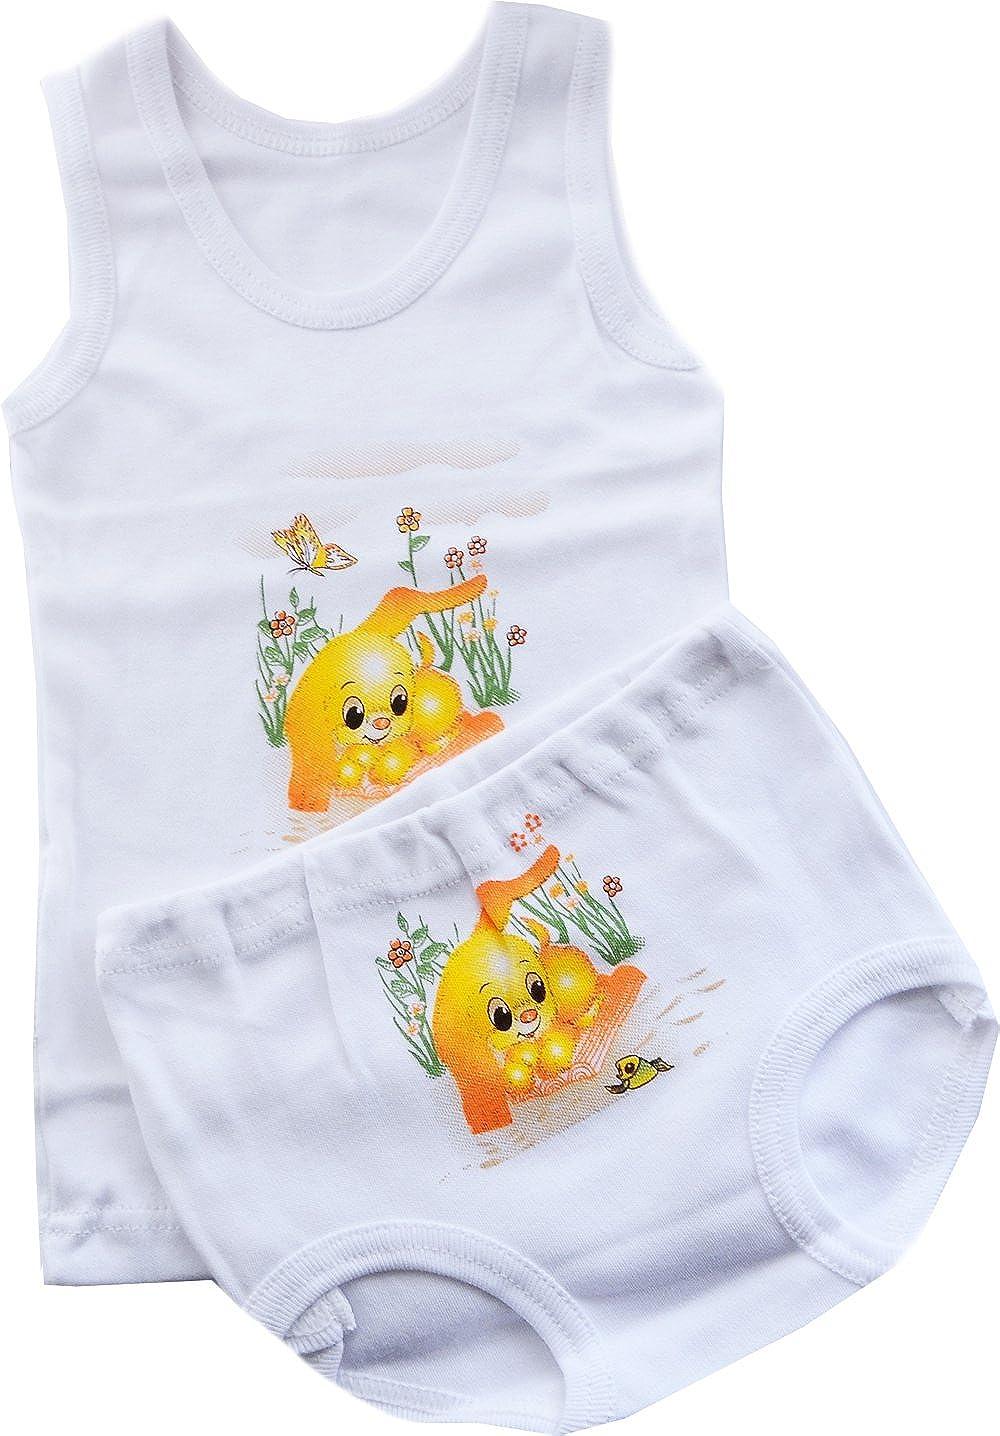 Unterwäsche Baby Kinder Unterhemd Höschen SET 74